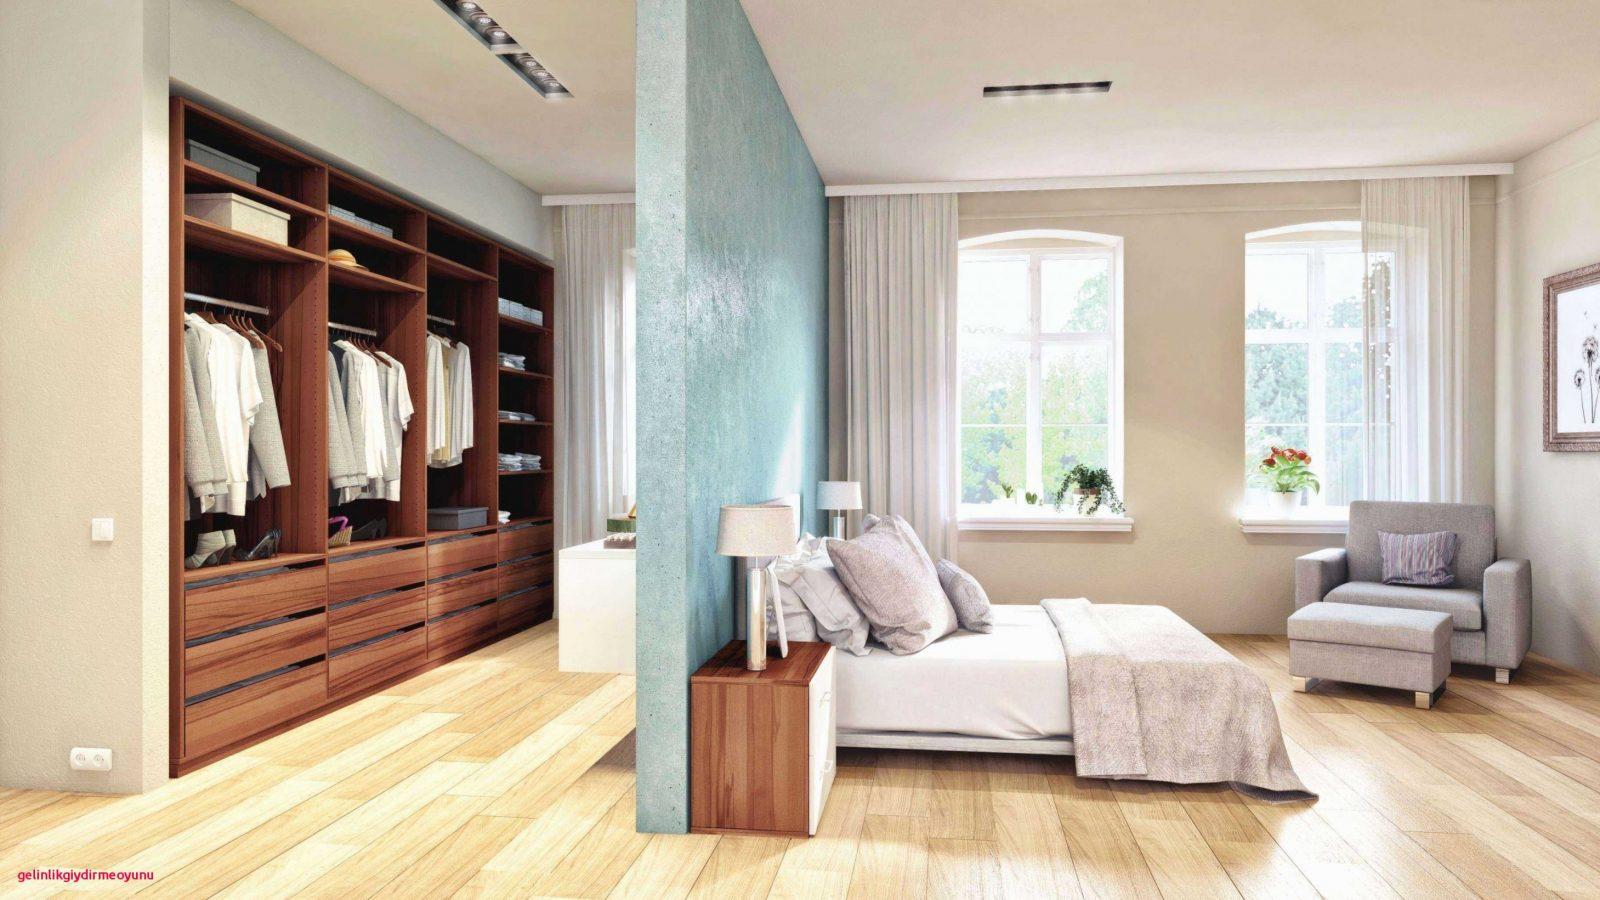 Schlafzimmer Ideen Für Kleine Räume – Wohn Design Von Gemütliches von Schlafzimmer Ideen Kleine Räume Photo